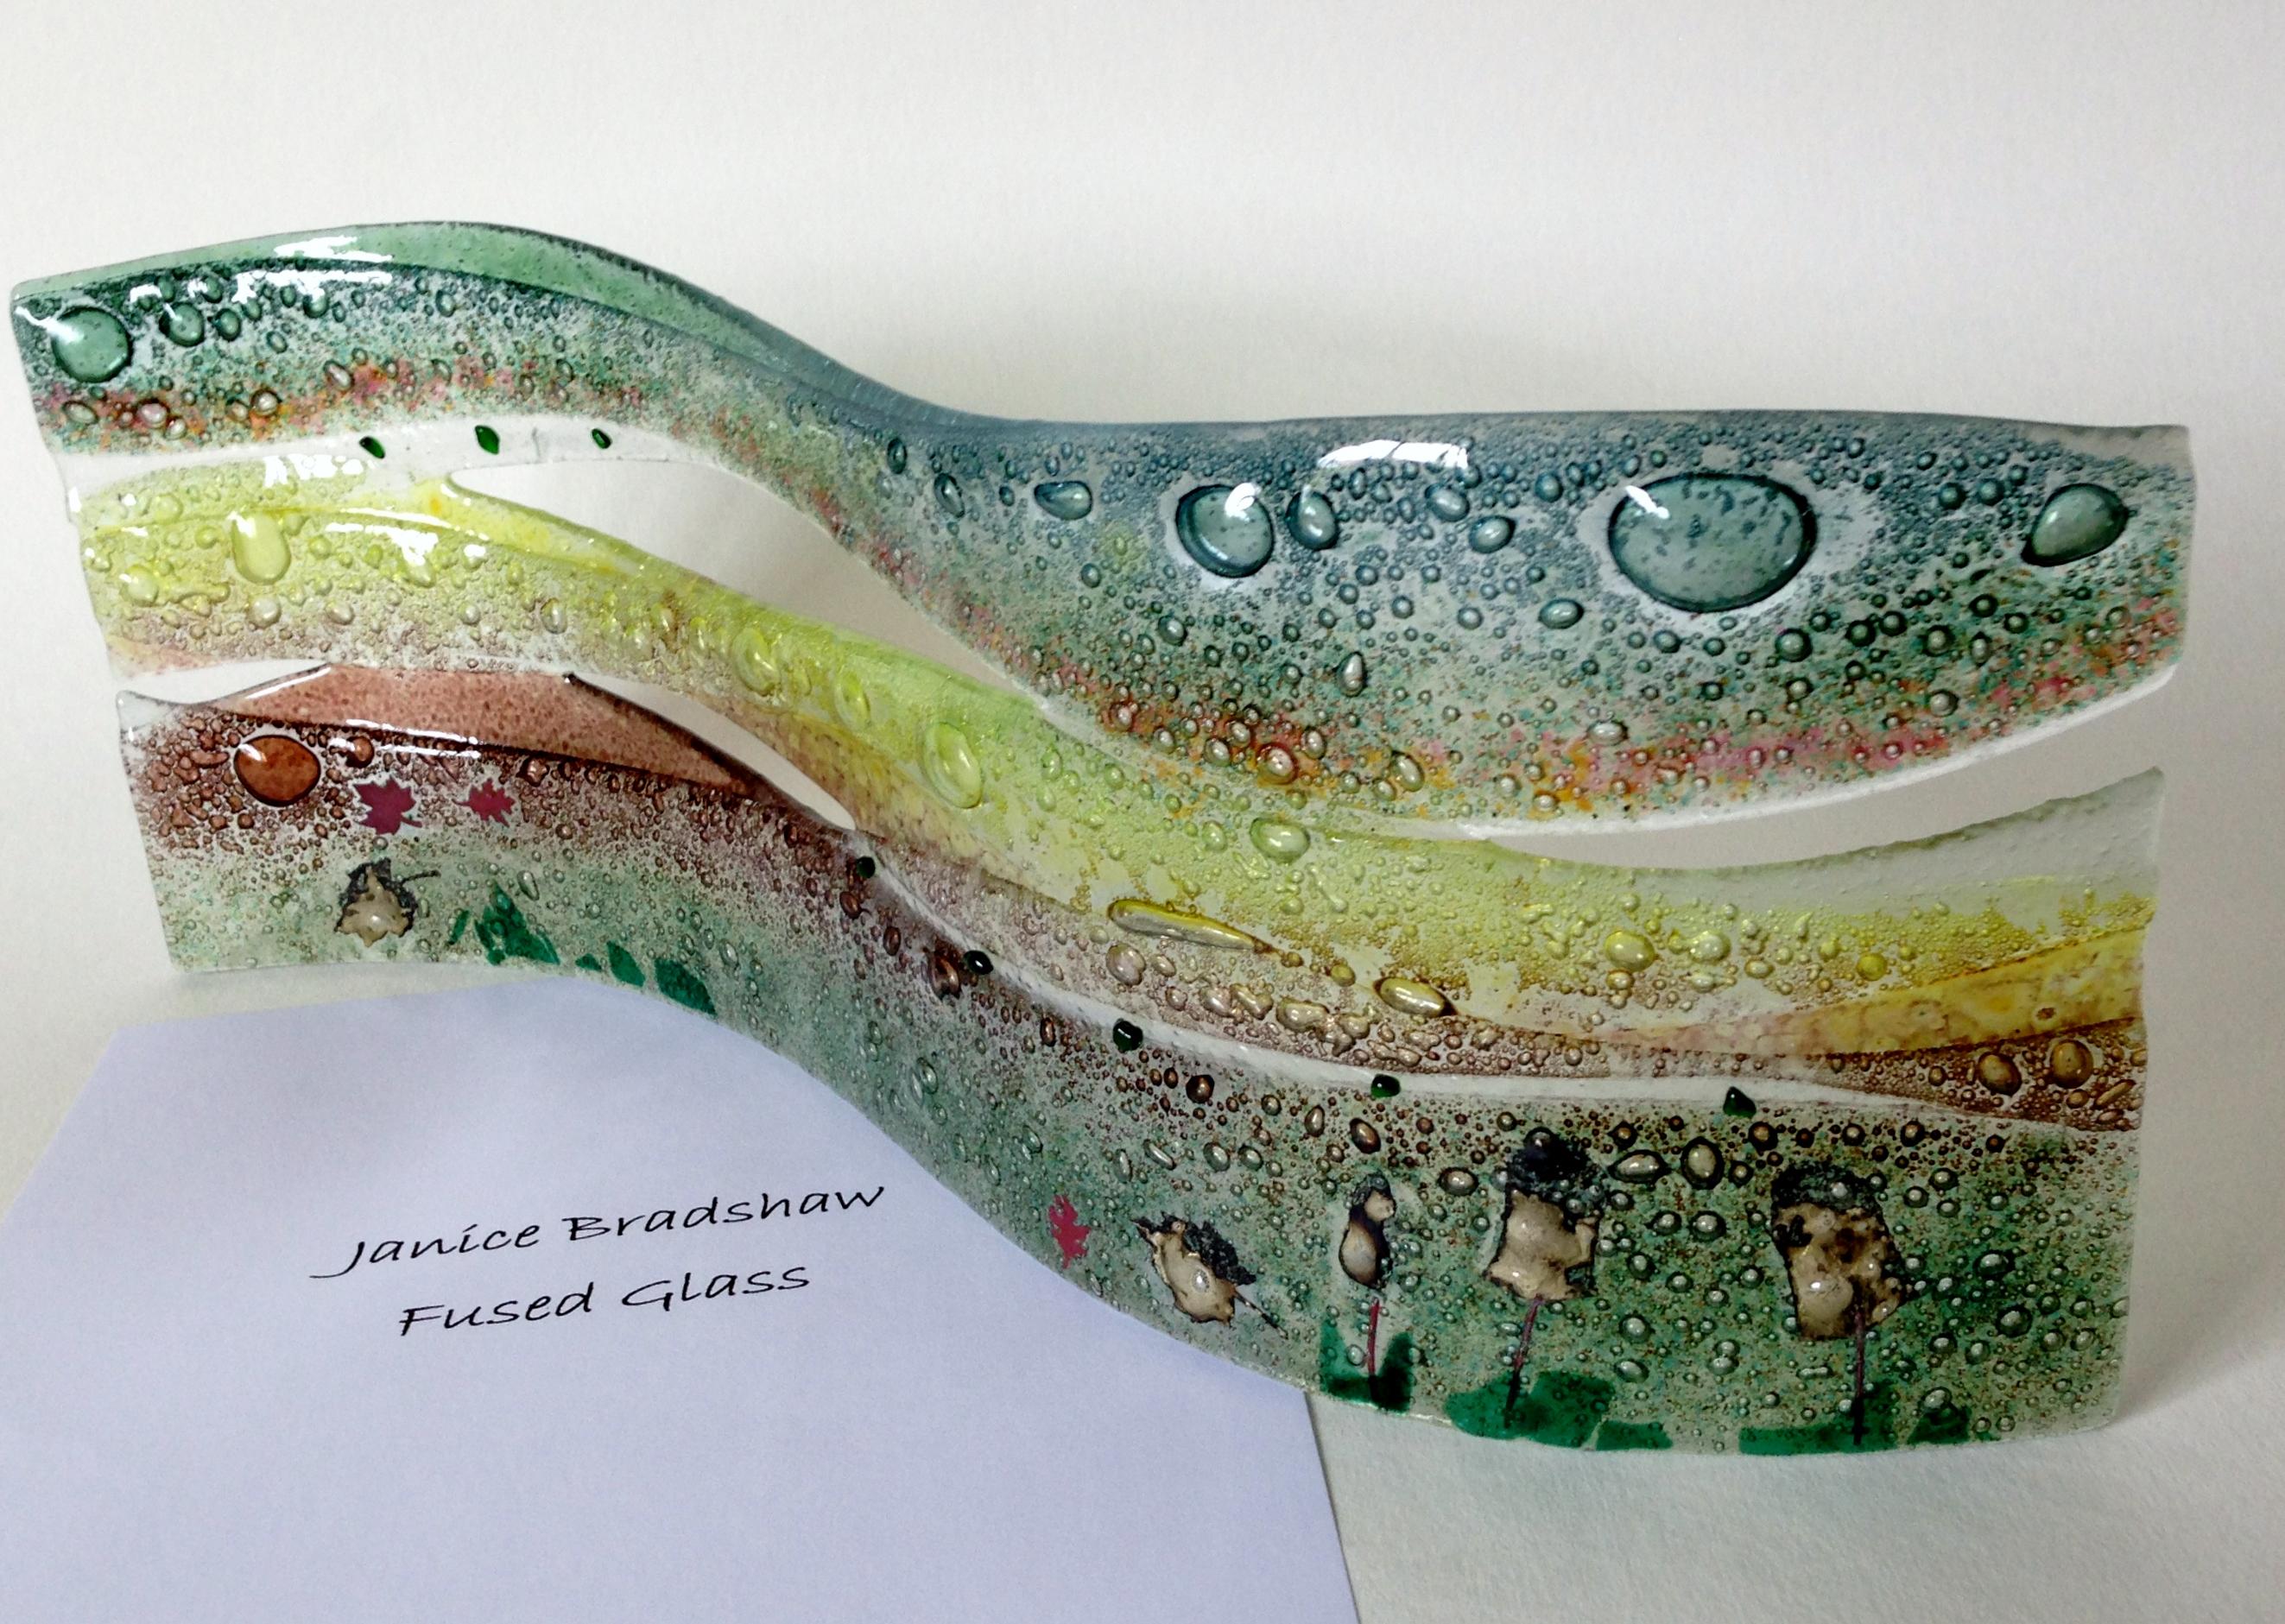 'Woodland' Fused glass panel by Janice Bradshaw 400x160mm